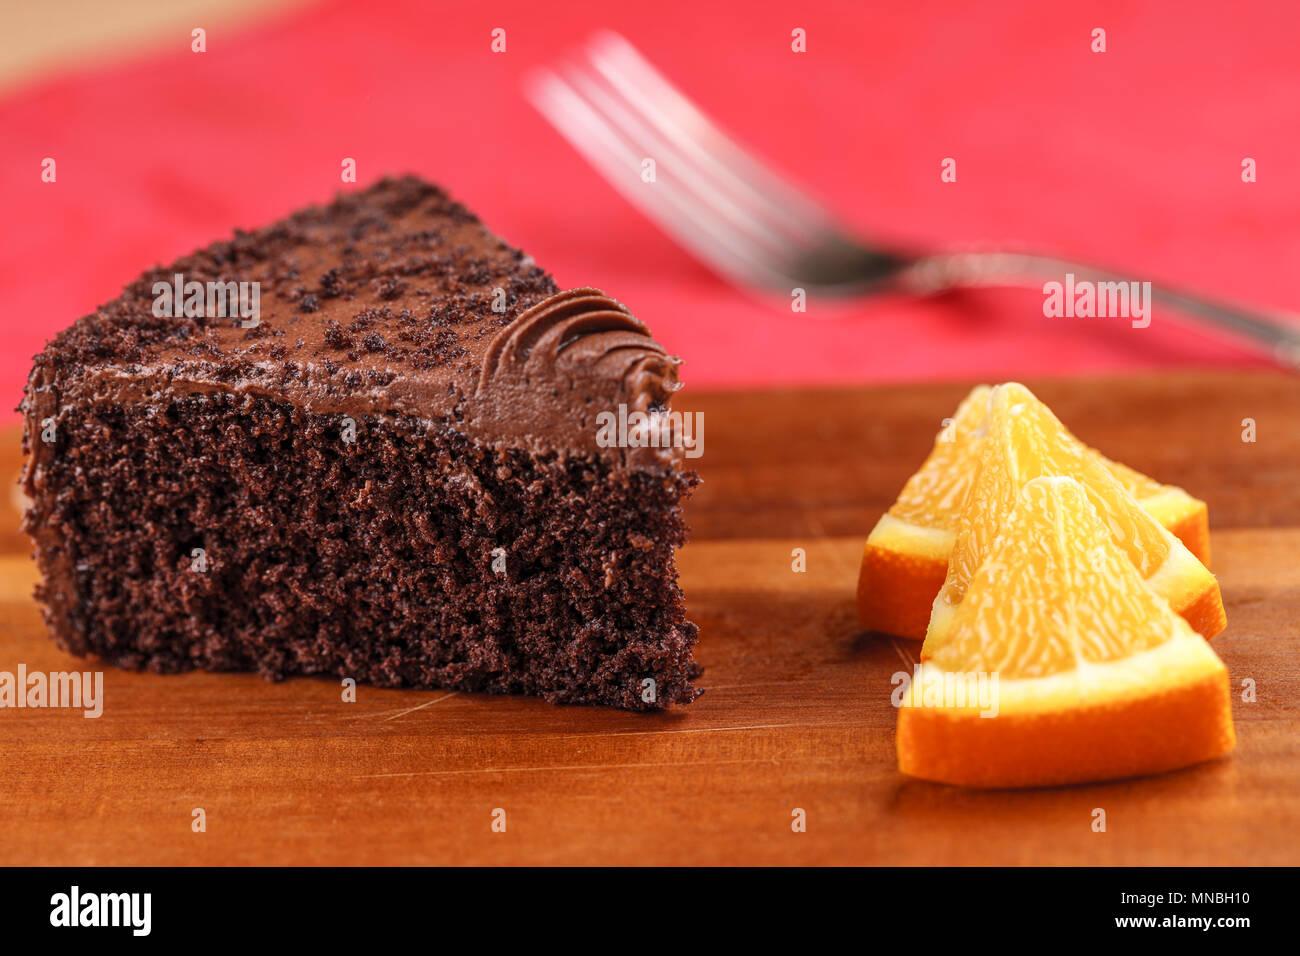 Un riche de gâteau au chocolat et des quartiers d'orange sur un conseil. Photo Stock